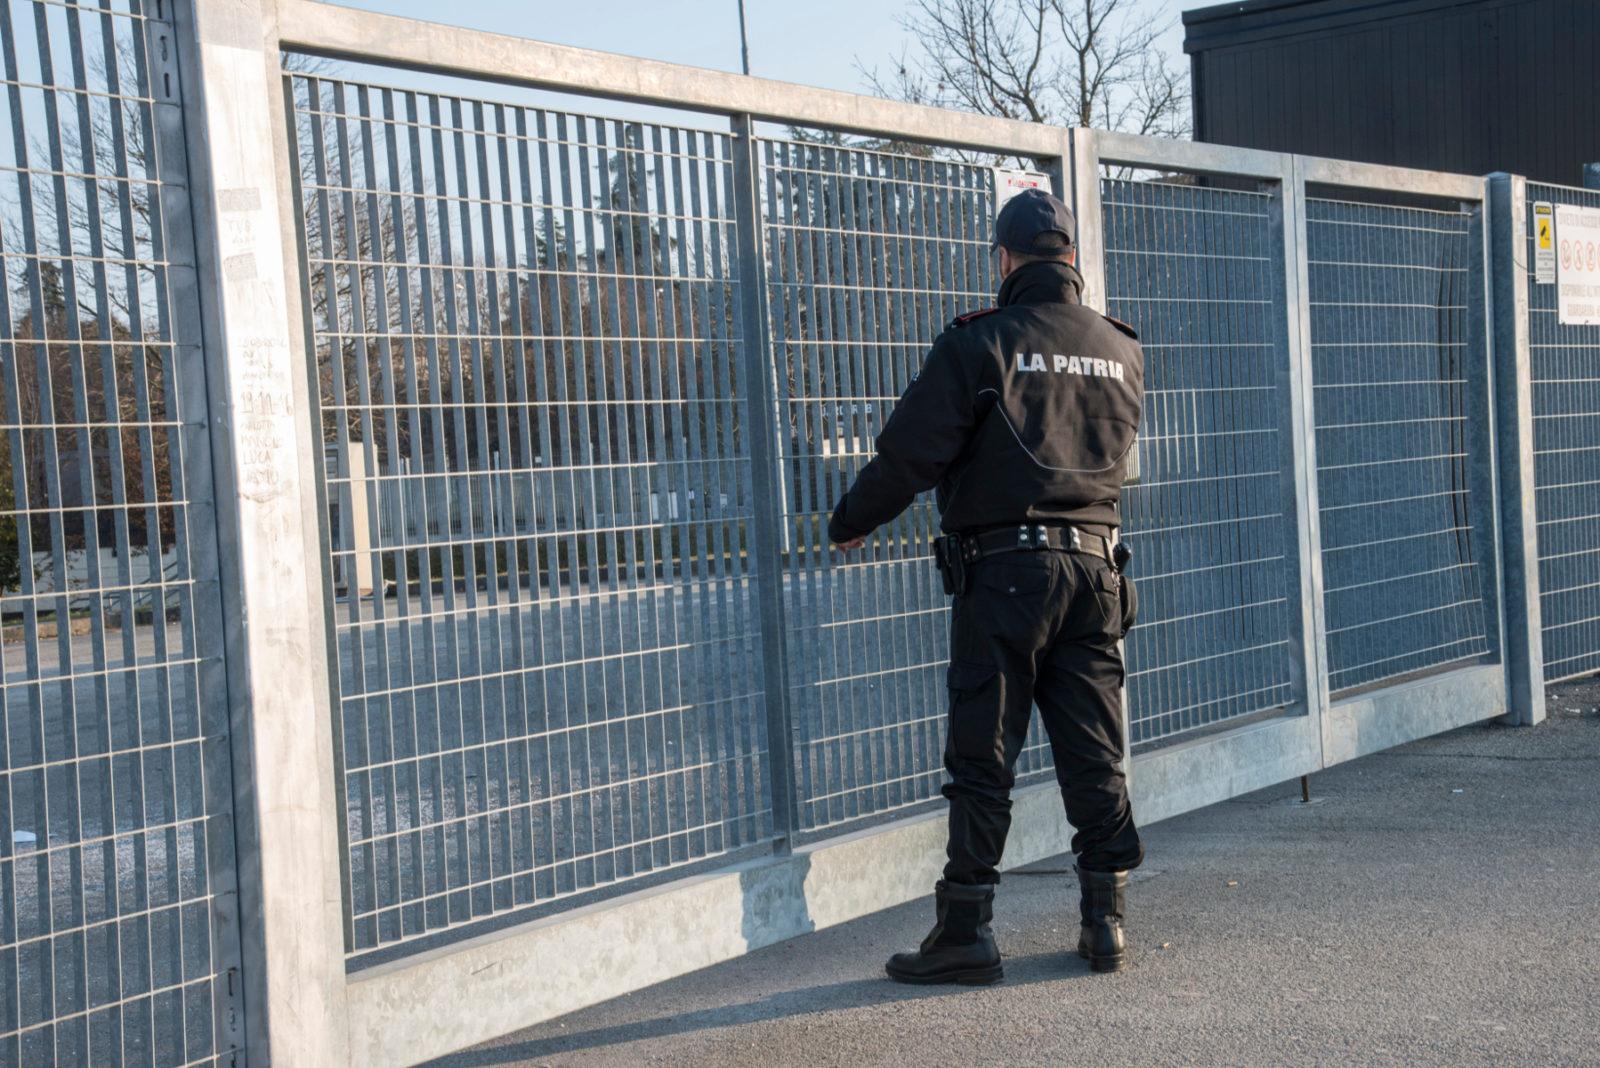 Furto ed inseguimento: fermati i malviventi a Sassuolo